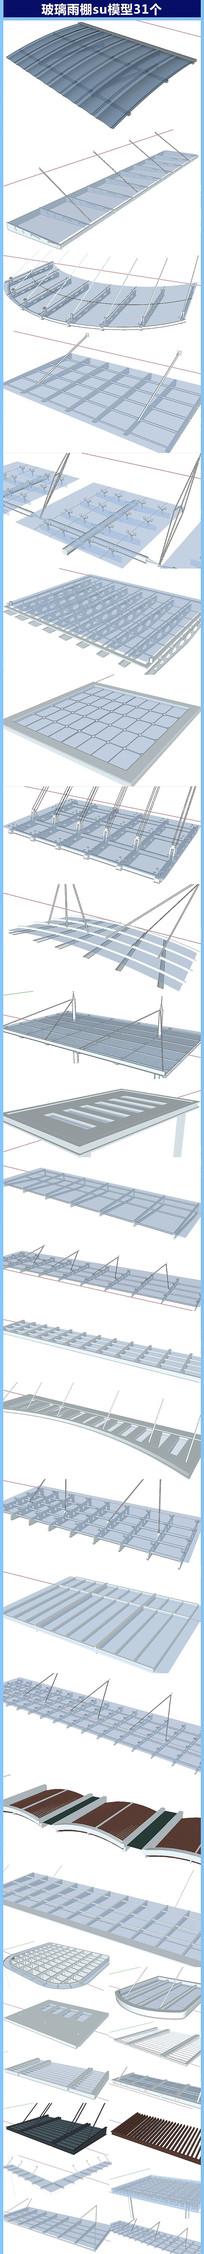 玻璃雨棚顶su模型31个